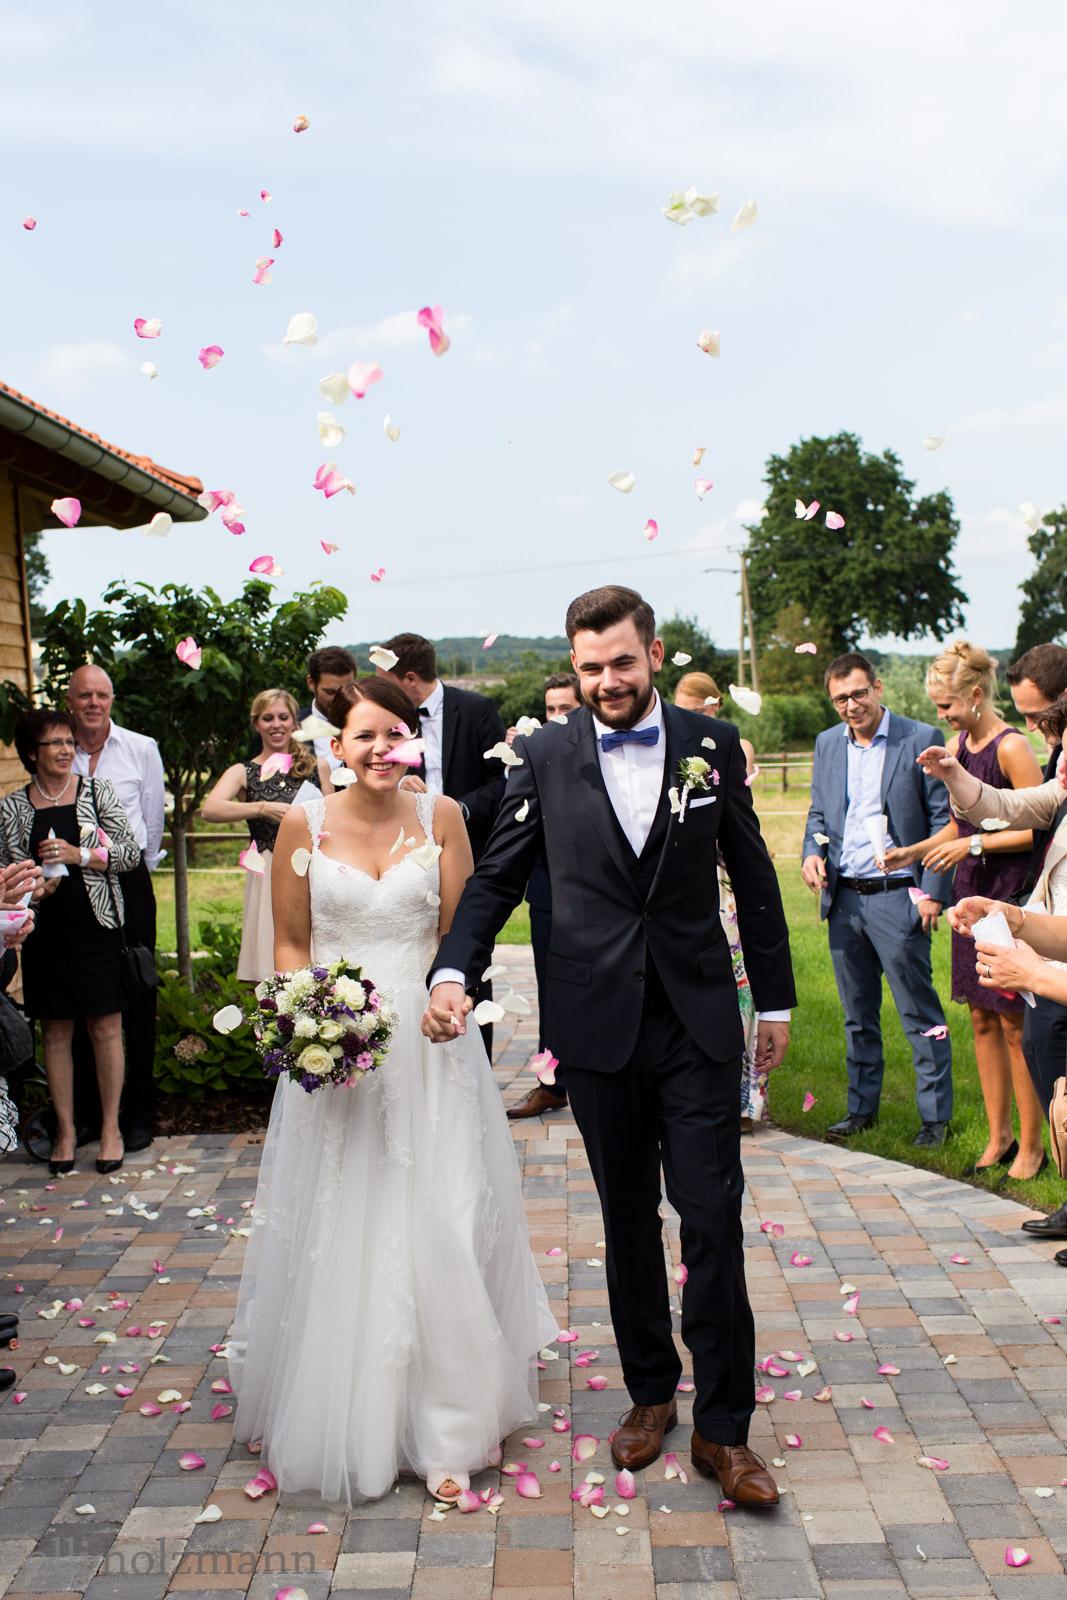 Hochzeitsfotograf_Sonsbeck-54.jpg